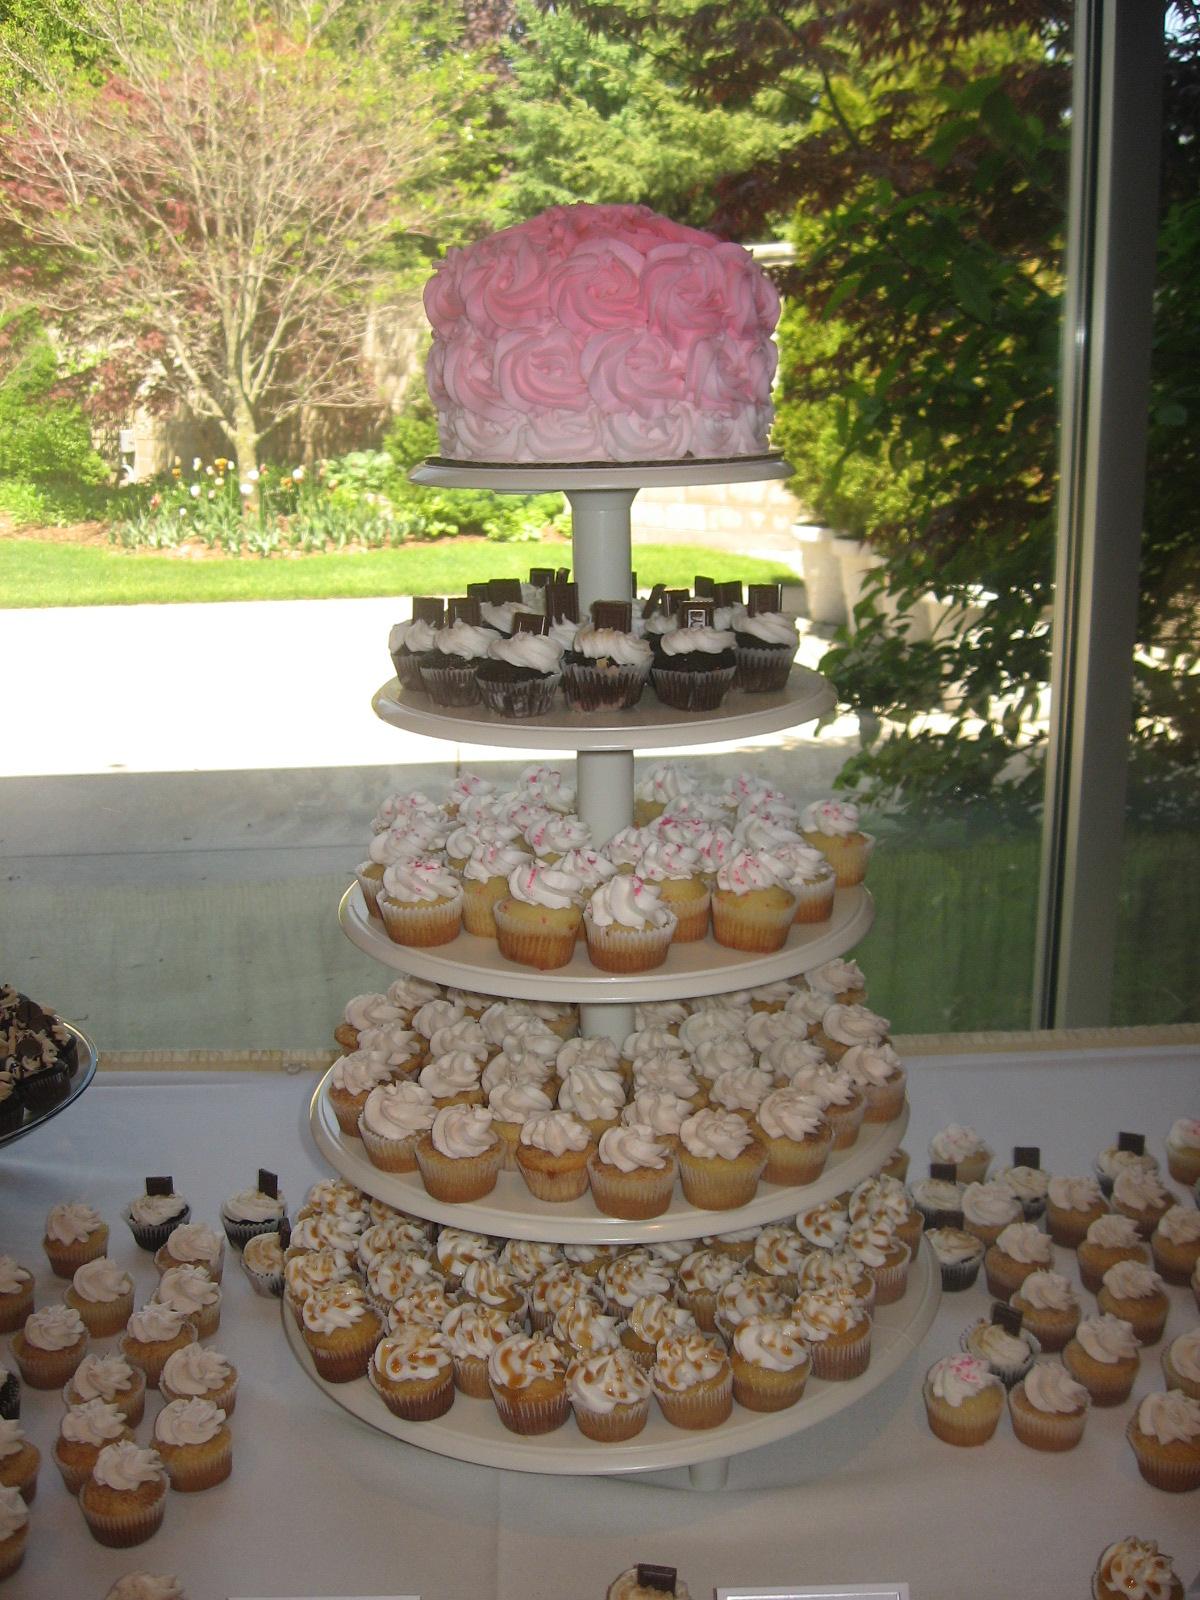 Mini Cupcake Display